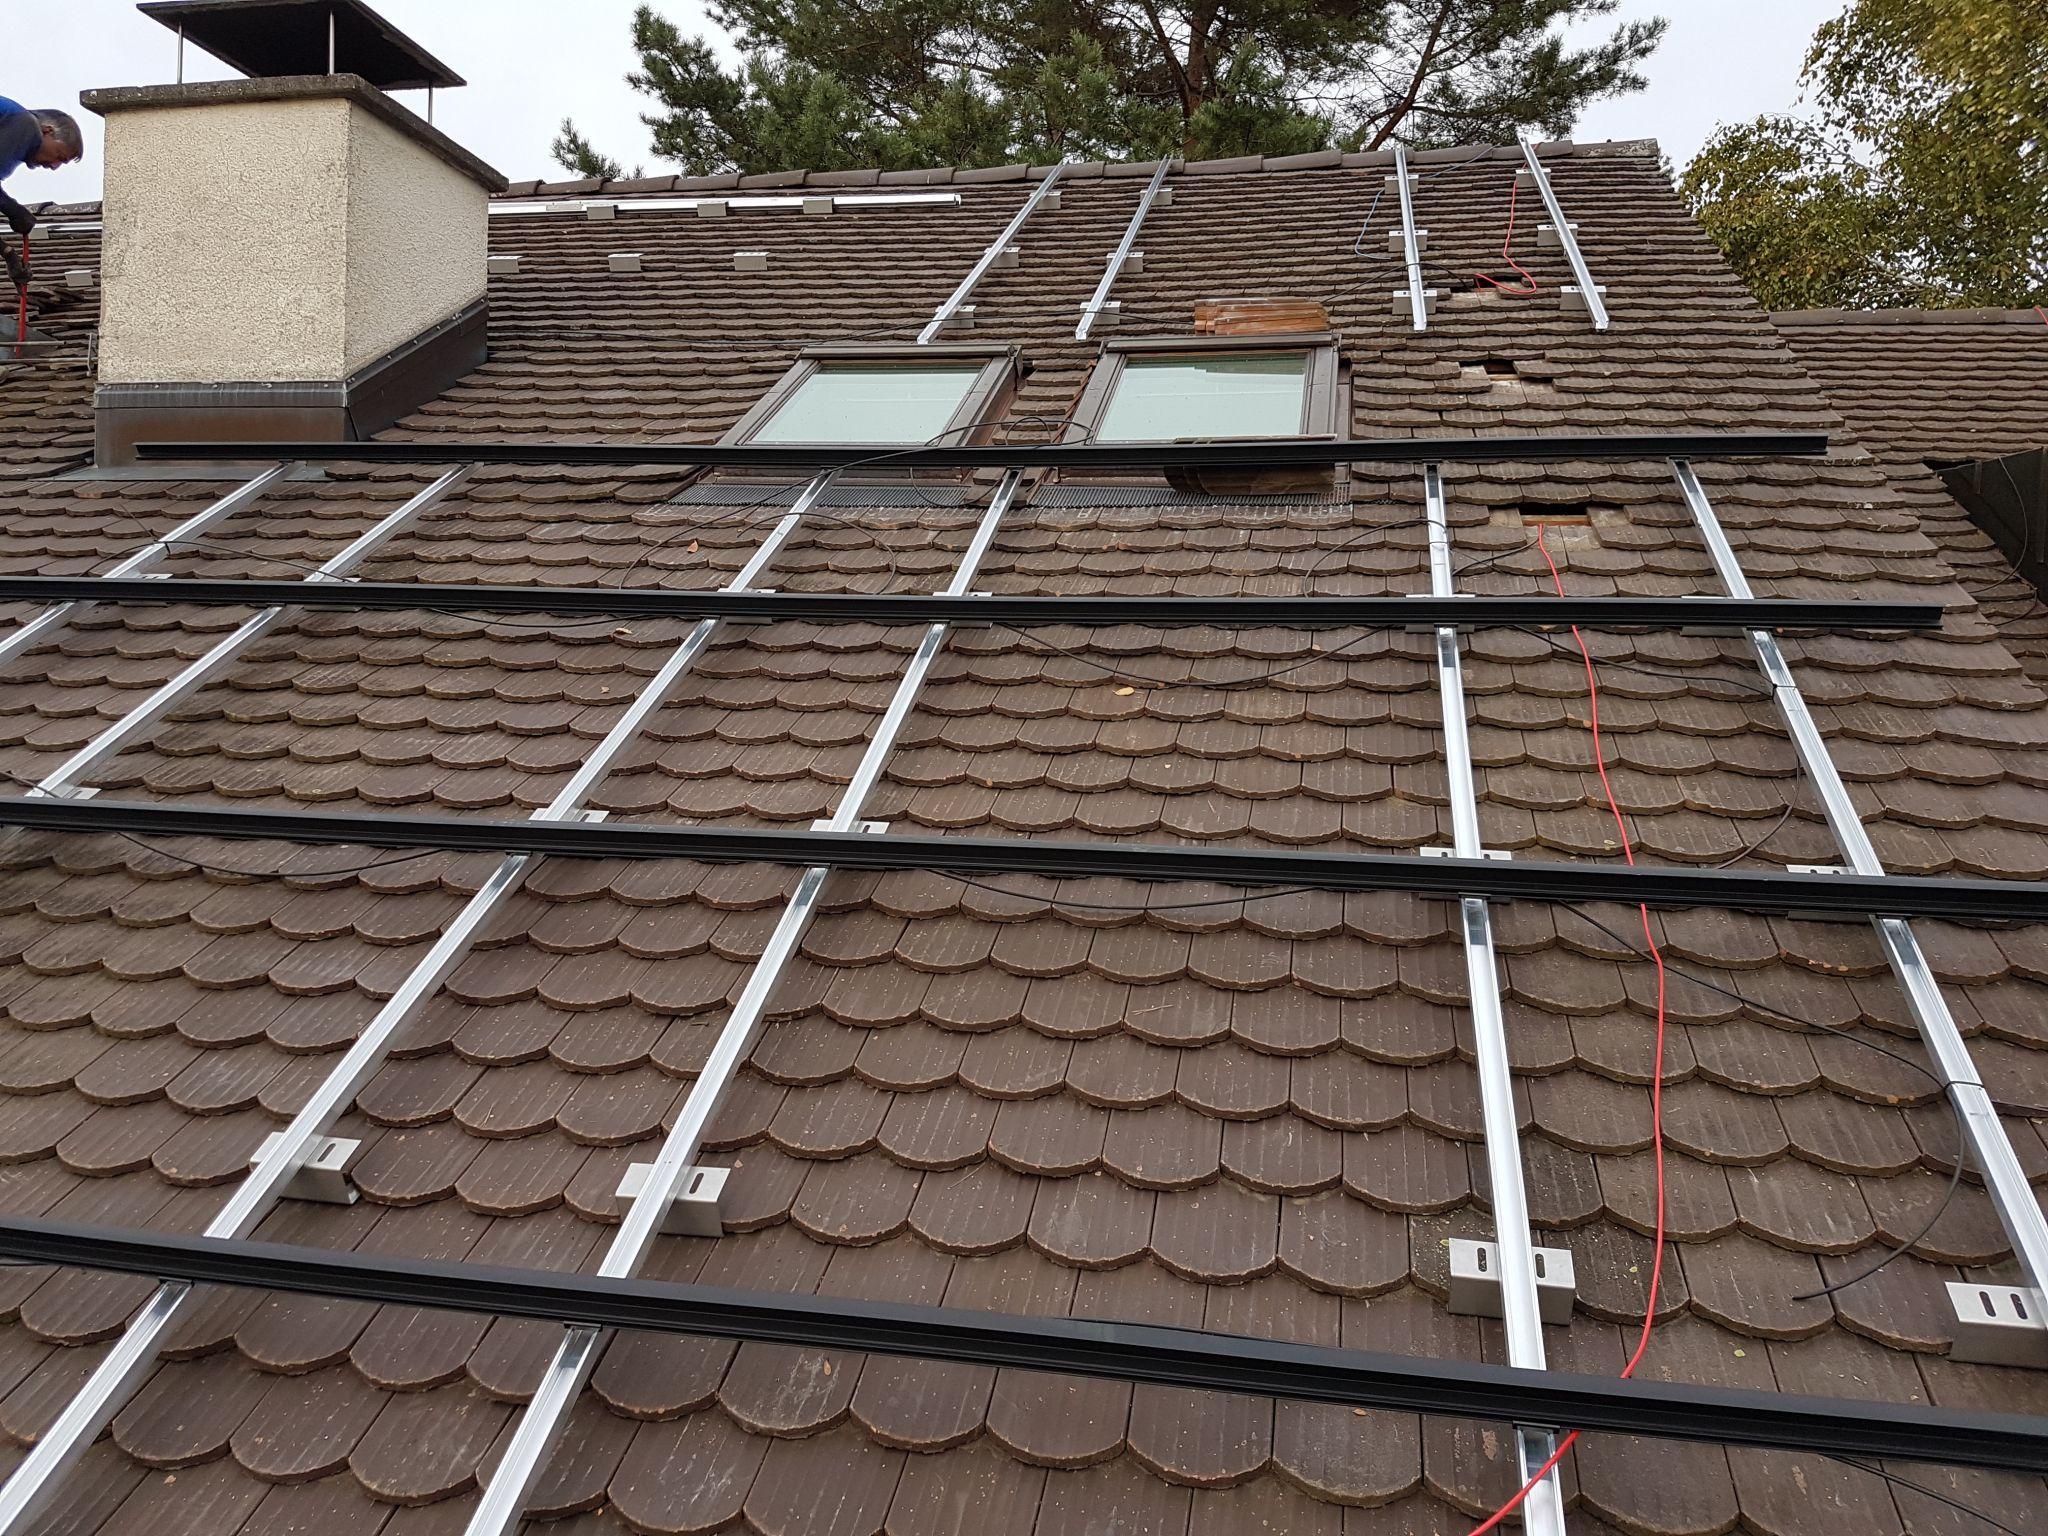 Konstruktion auf dem Dach